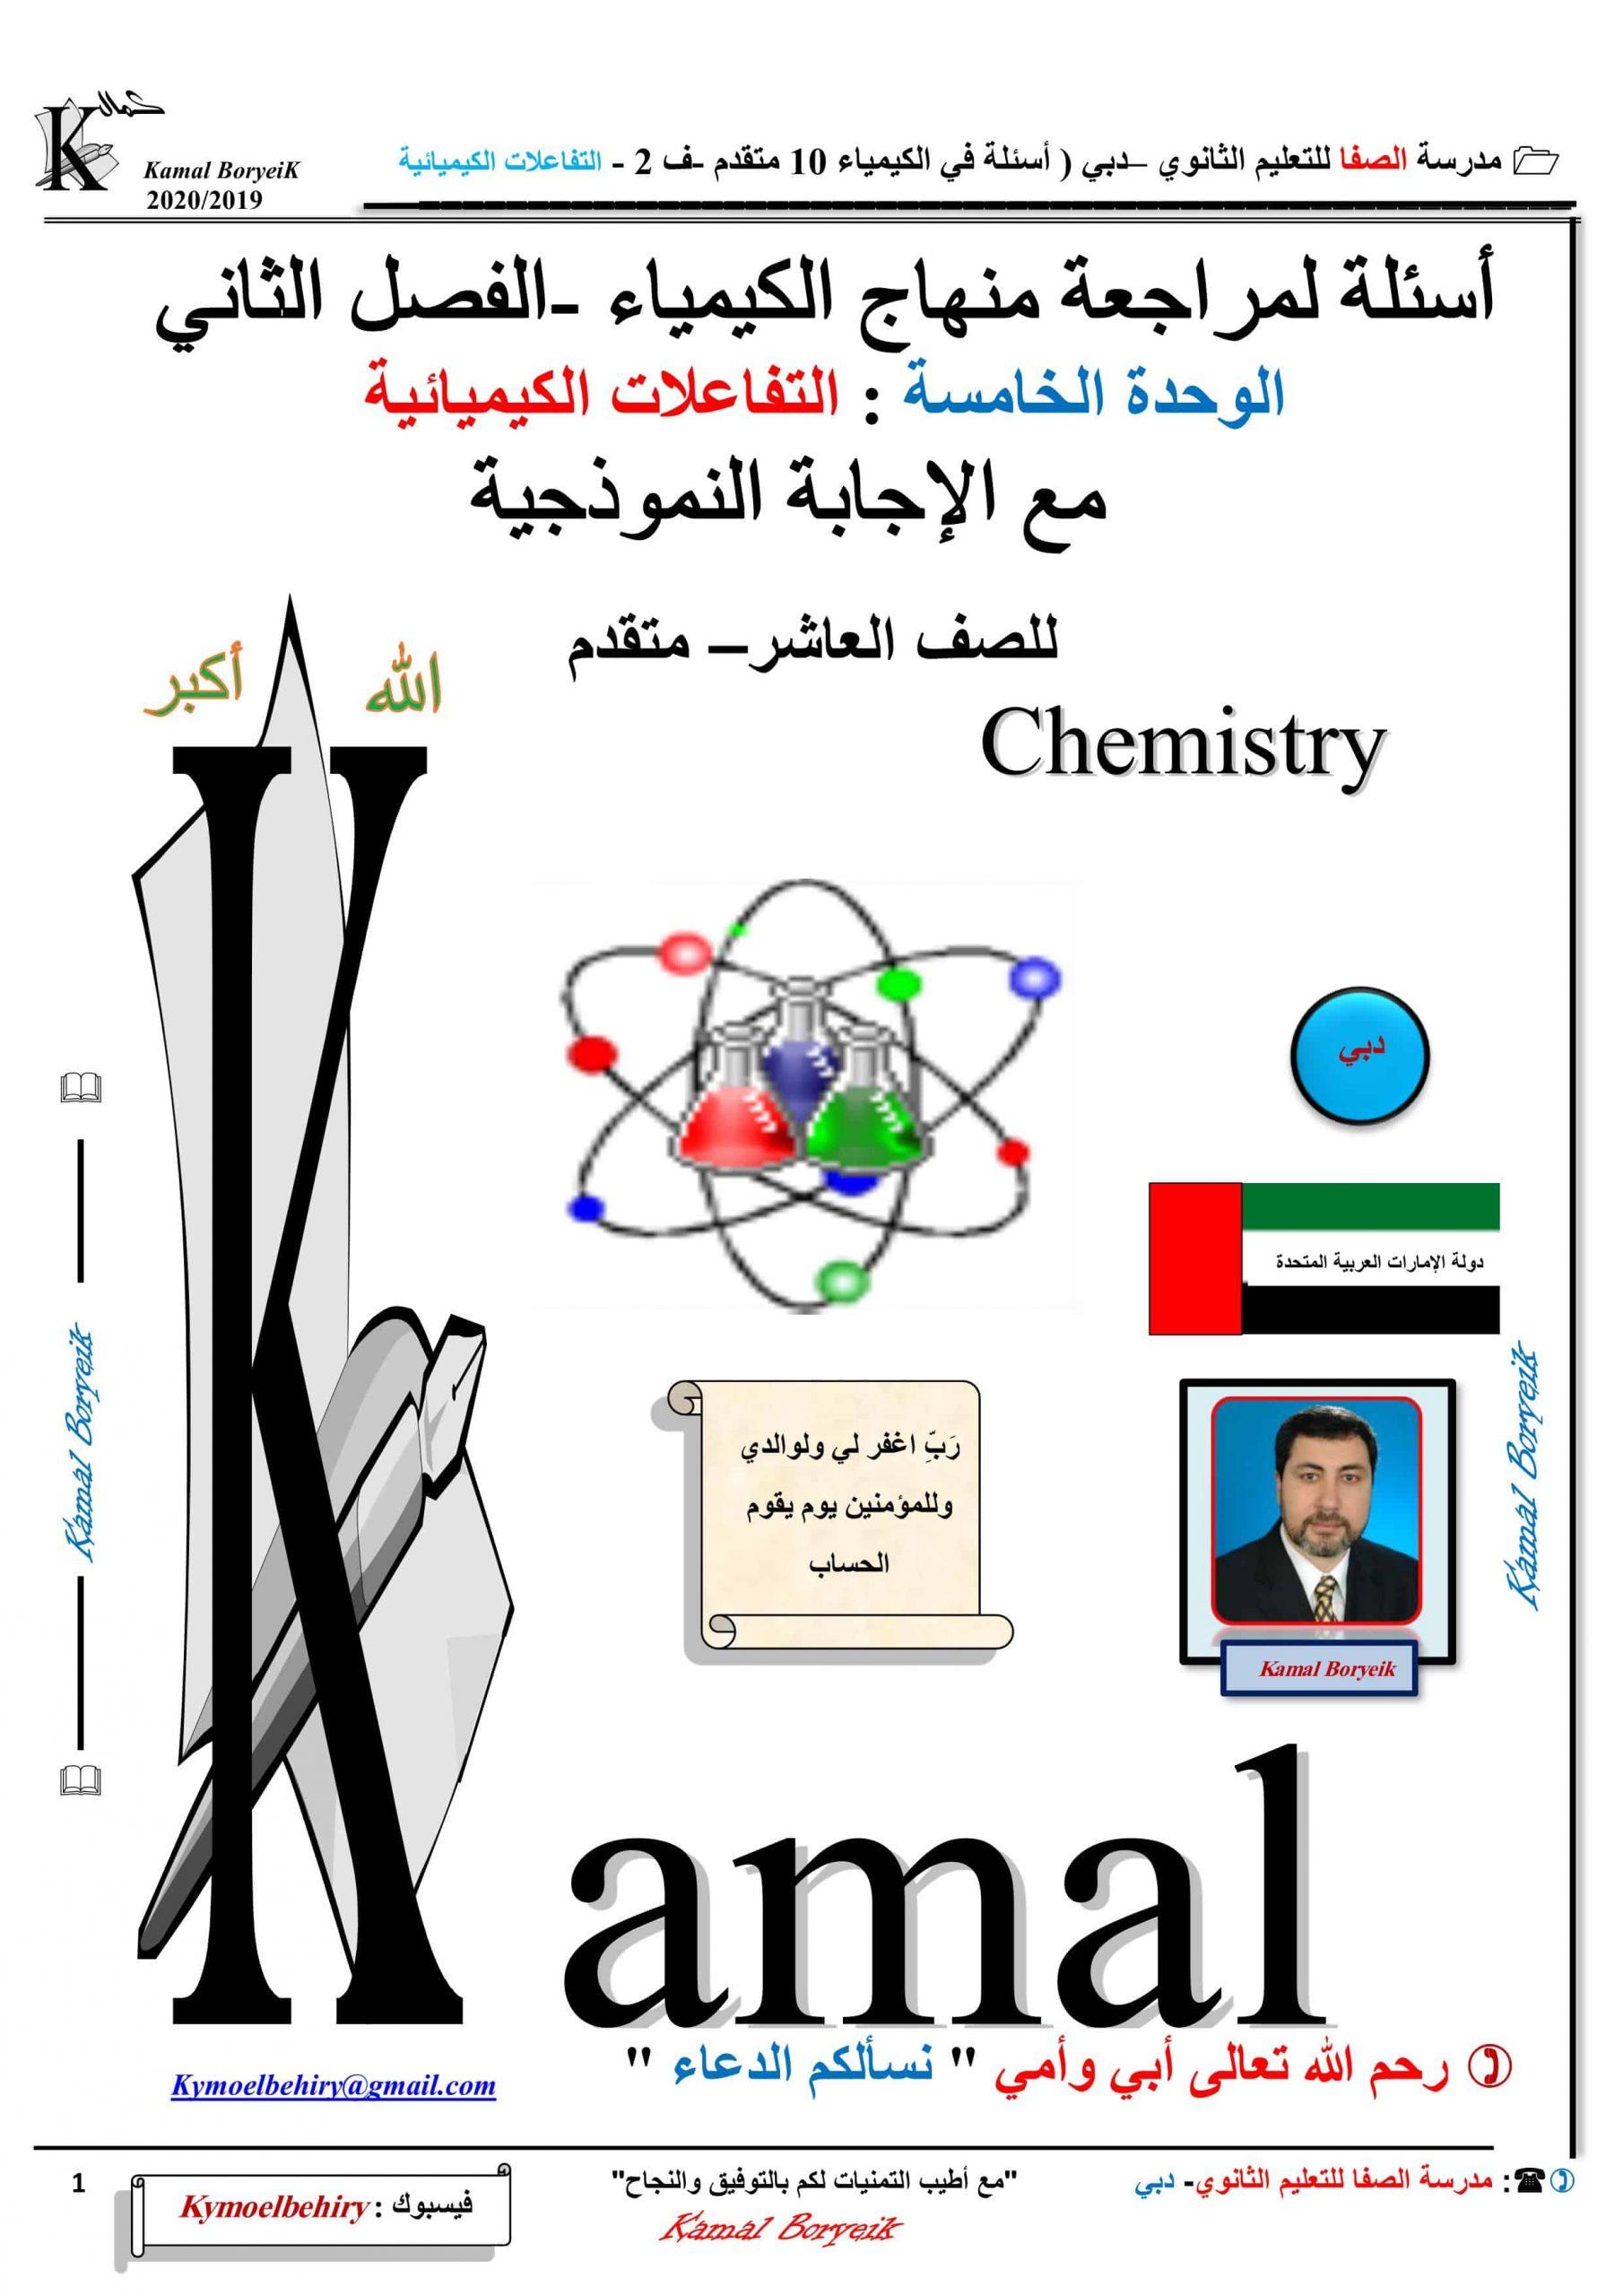 حل أوراق عمل التفاعلات الكيميائية الصف العاشر متقدم مادة الكيمياء